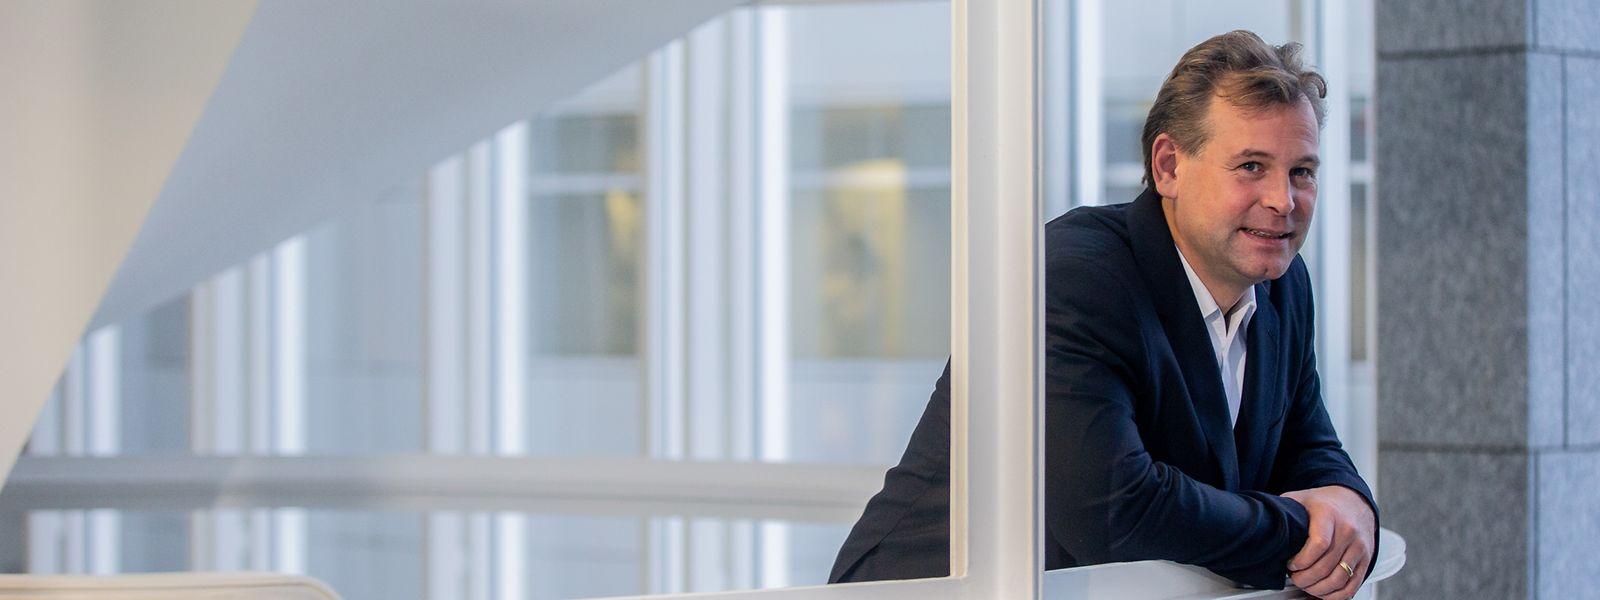 """Dirk Andreas Zetzsches Büro befindet sich in Kirchberg, im Gebäude """"Weicker""""."""